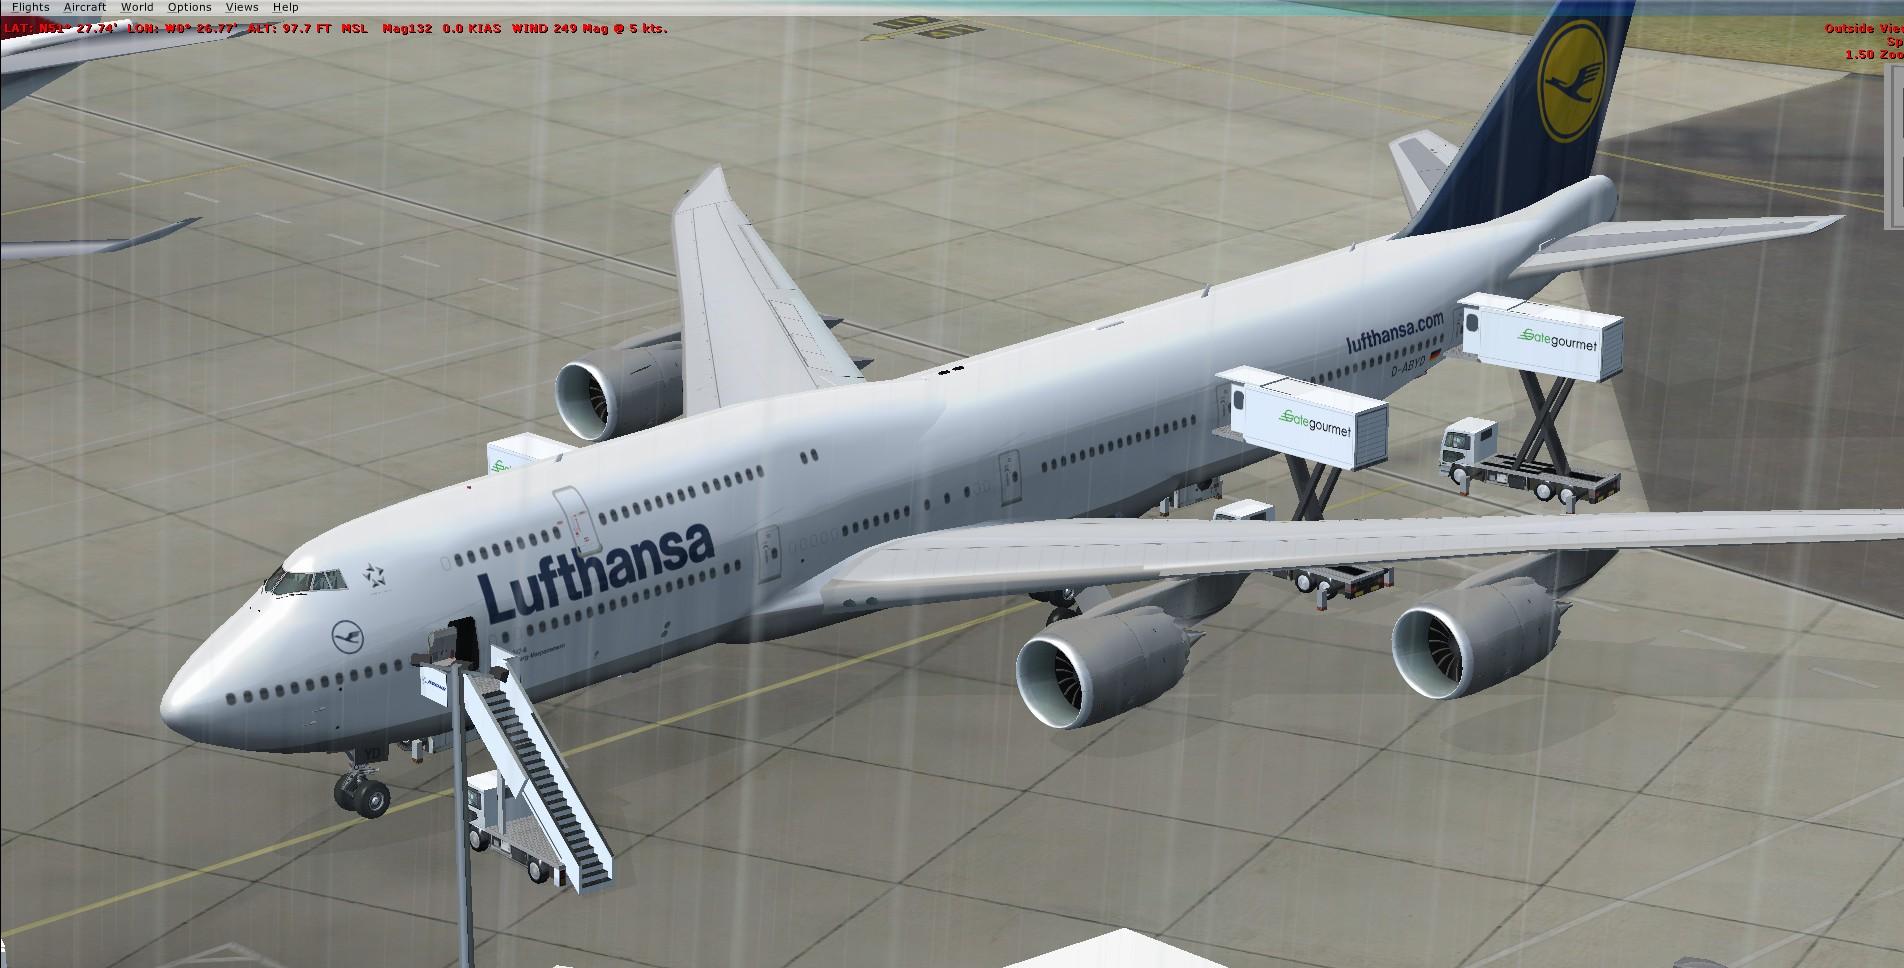 fs-freeware net - FSX Boeing 747-8i Lufthansa